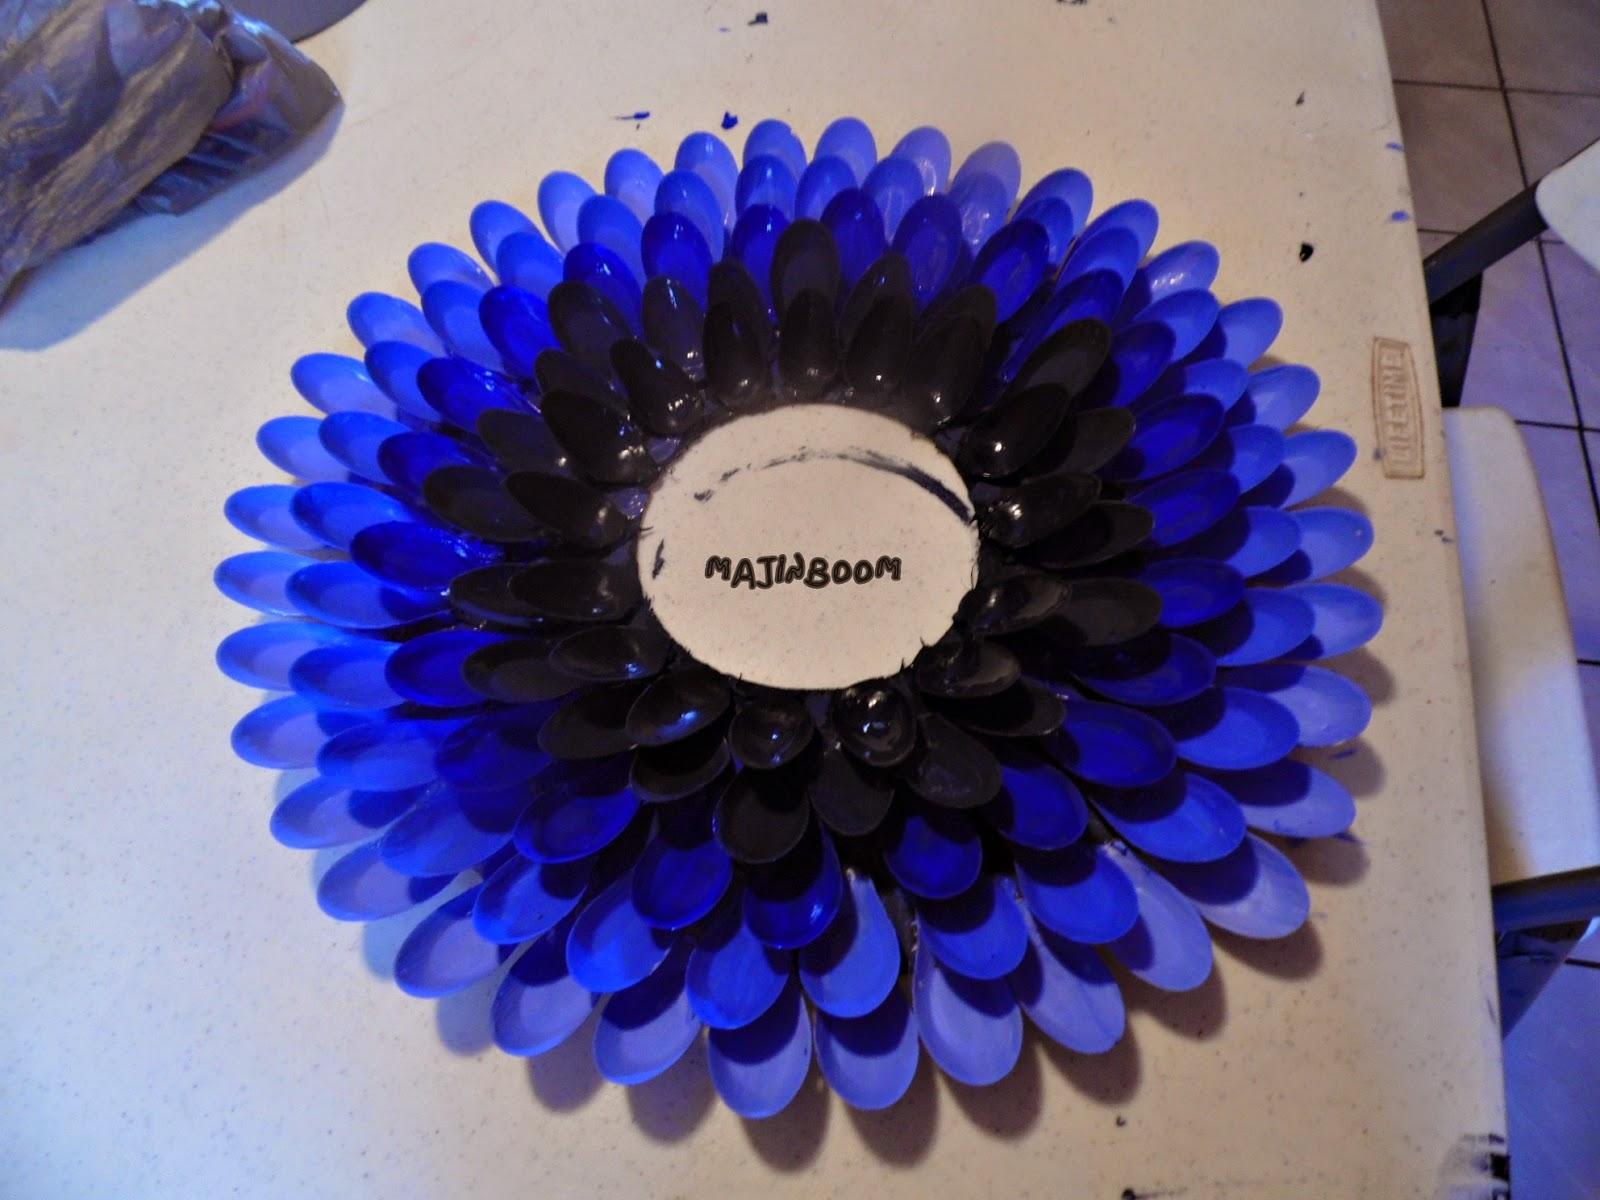 Diy espejo con cucharas for Decoracion de espejo con cucharas